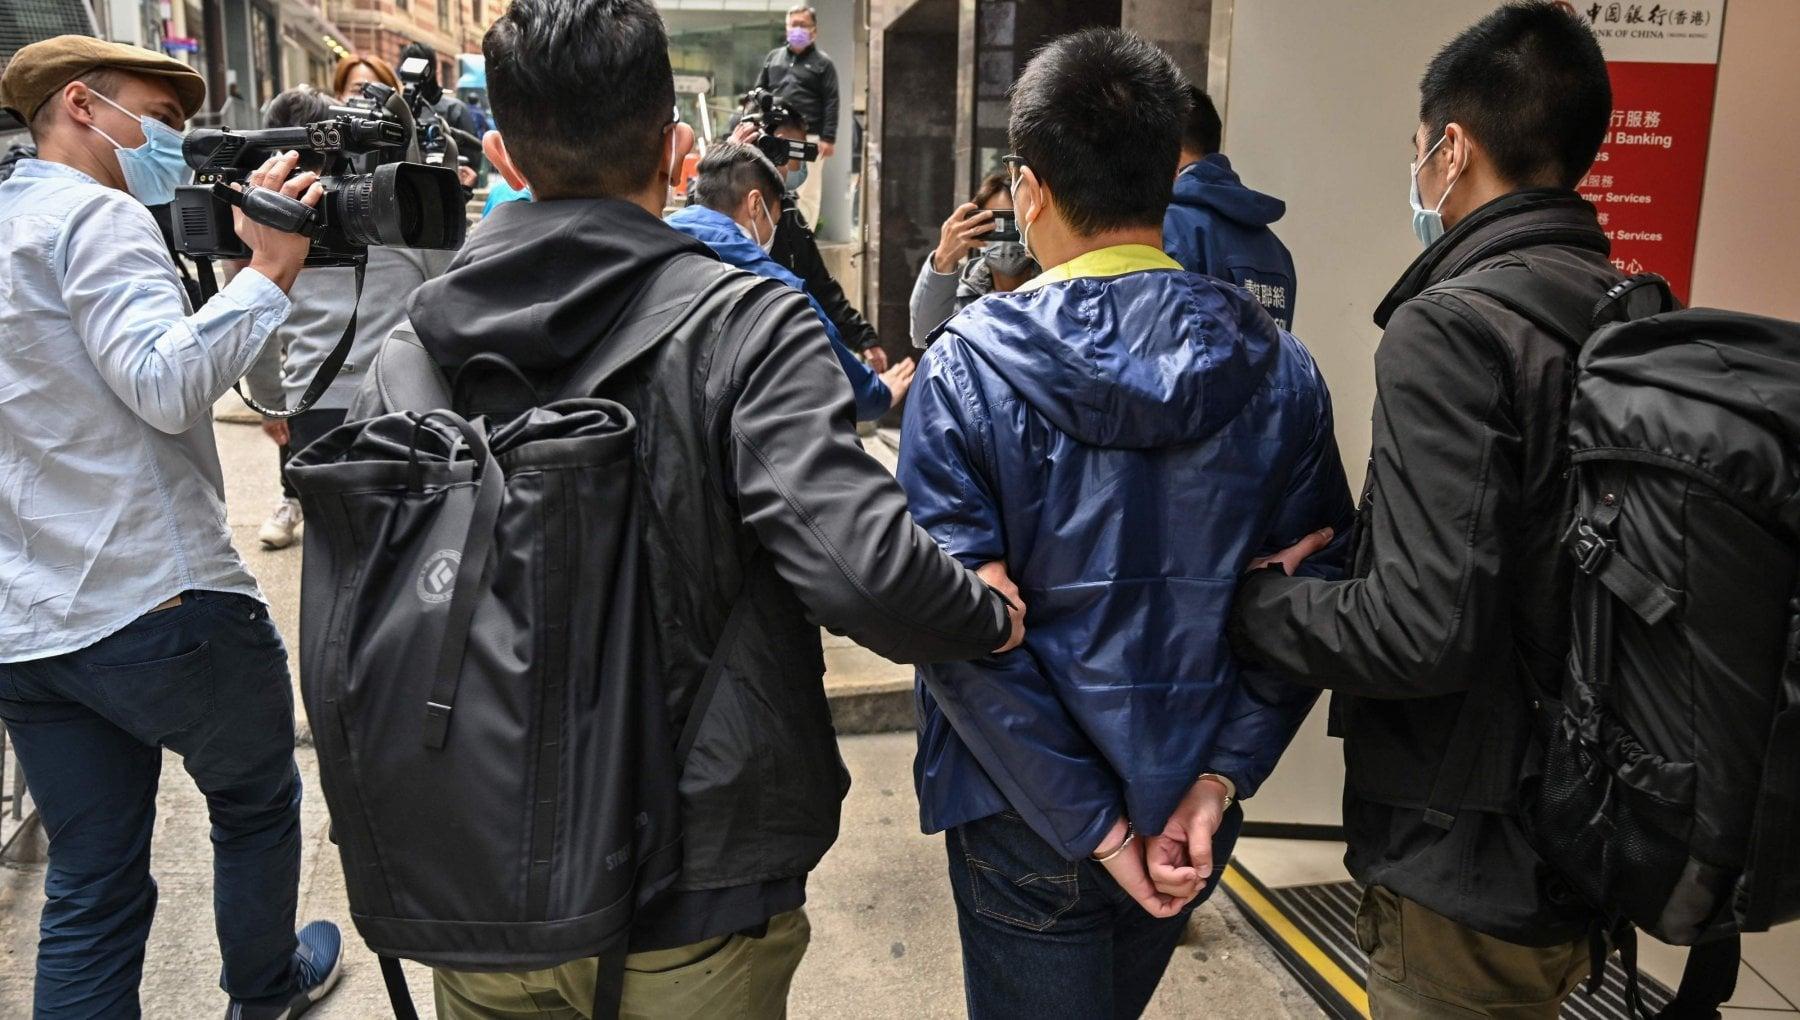 Hong Kong arresti degli attivisti pro democrazia ce un americano